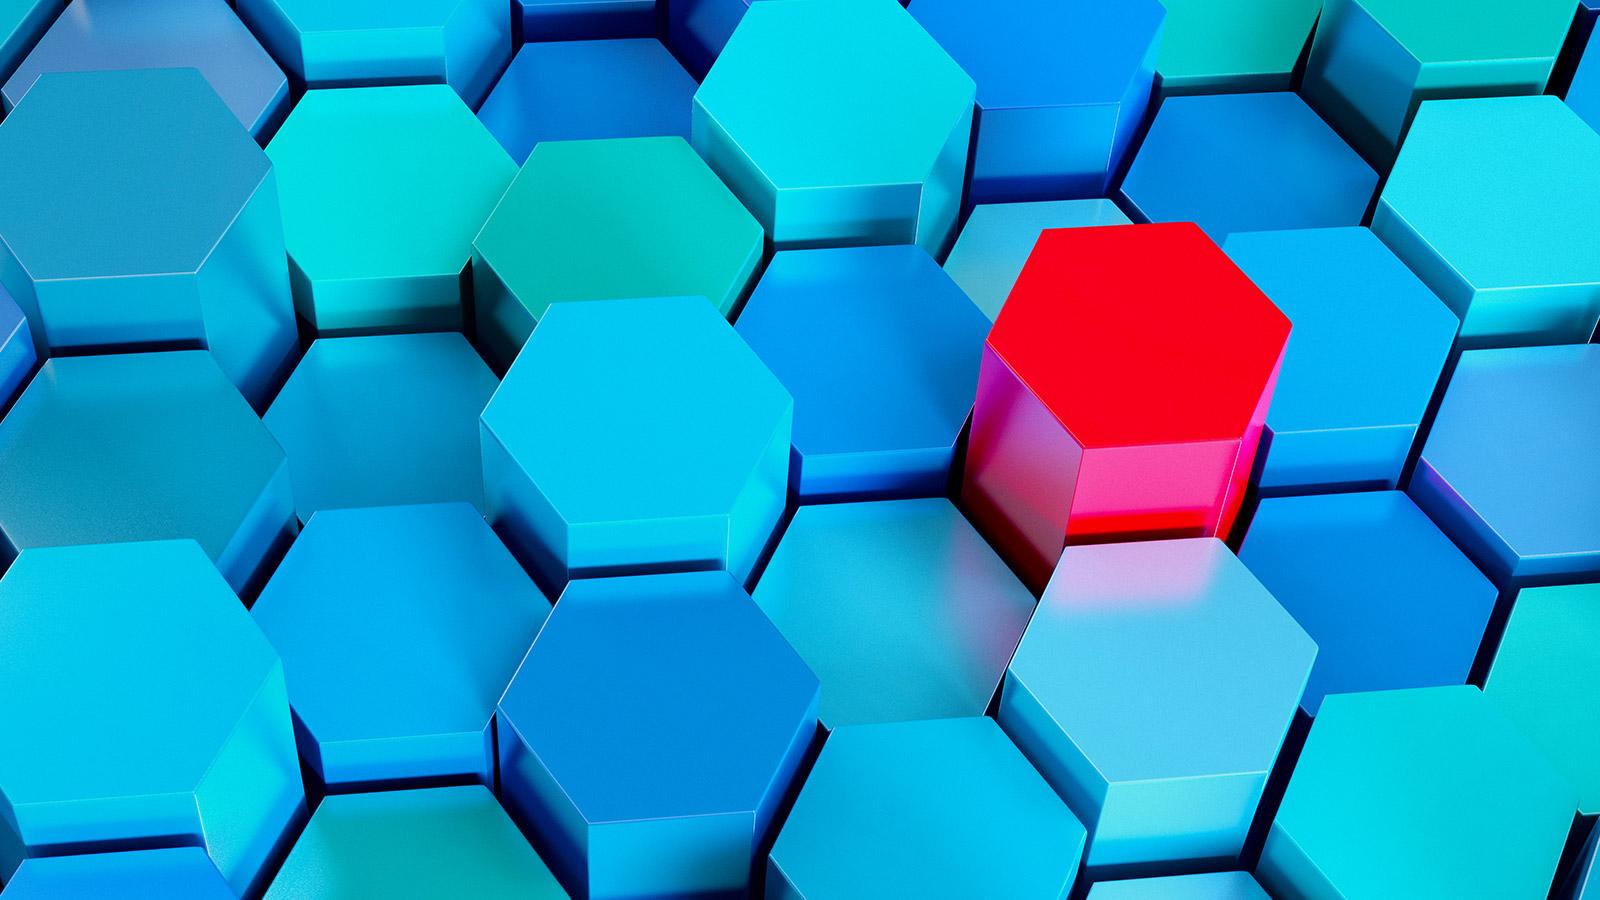 L'Intelligence Artificielle pourrait accroître de près de 38% la rentabilité des entreprises d'ici 2035